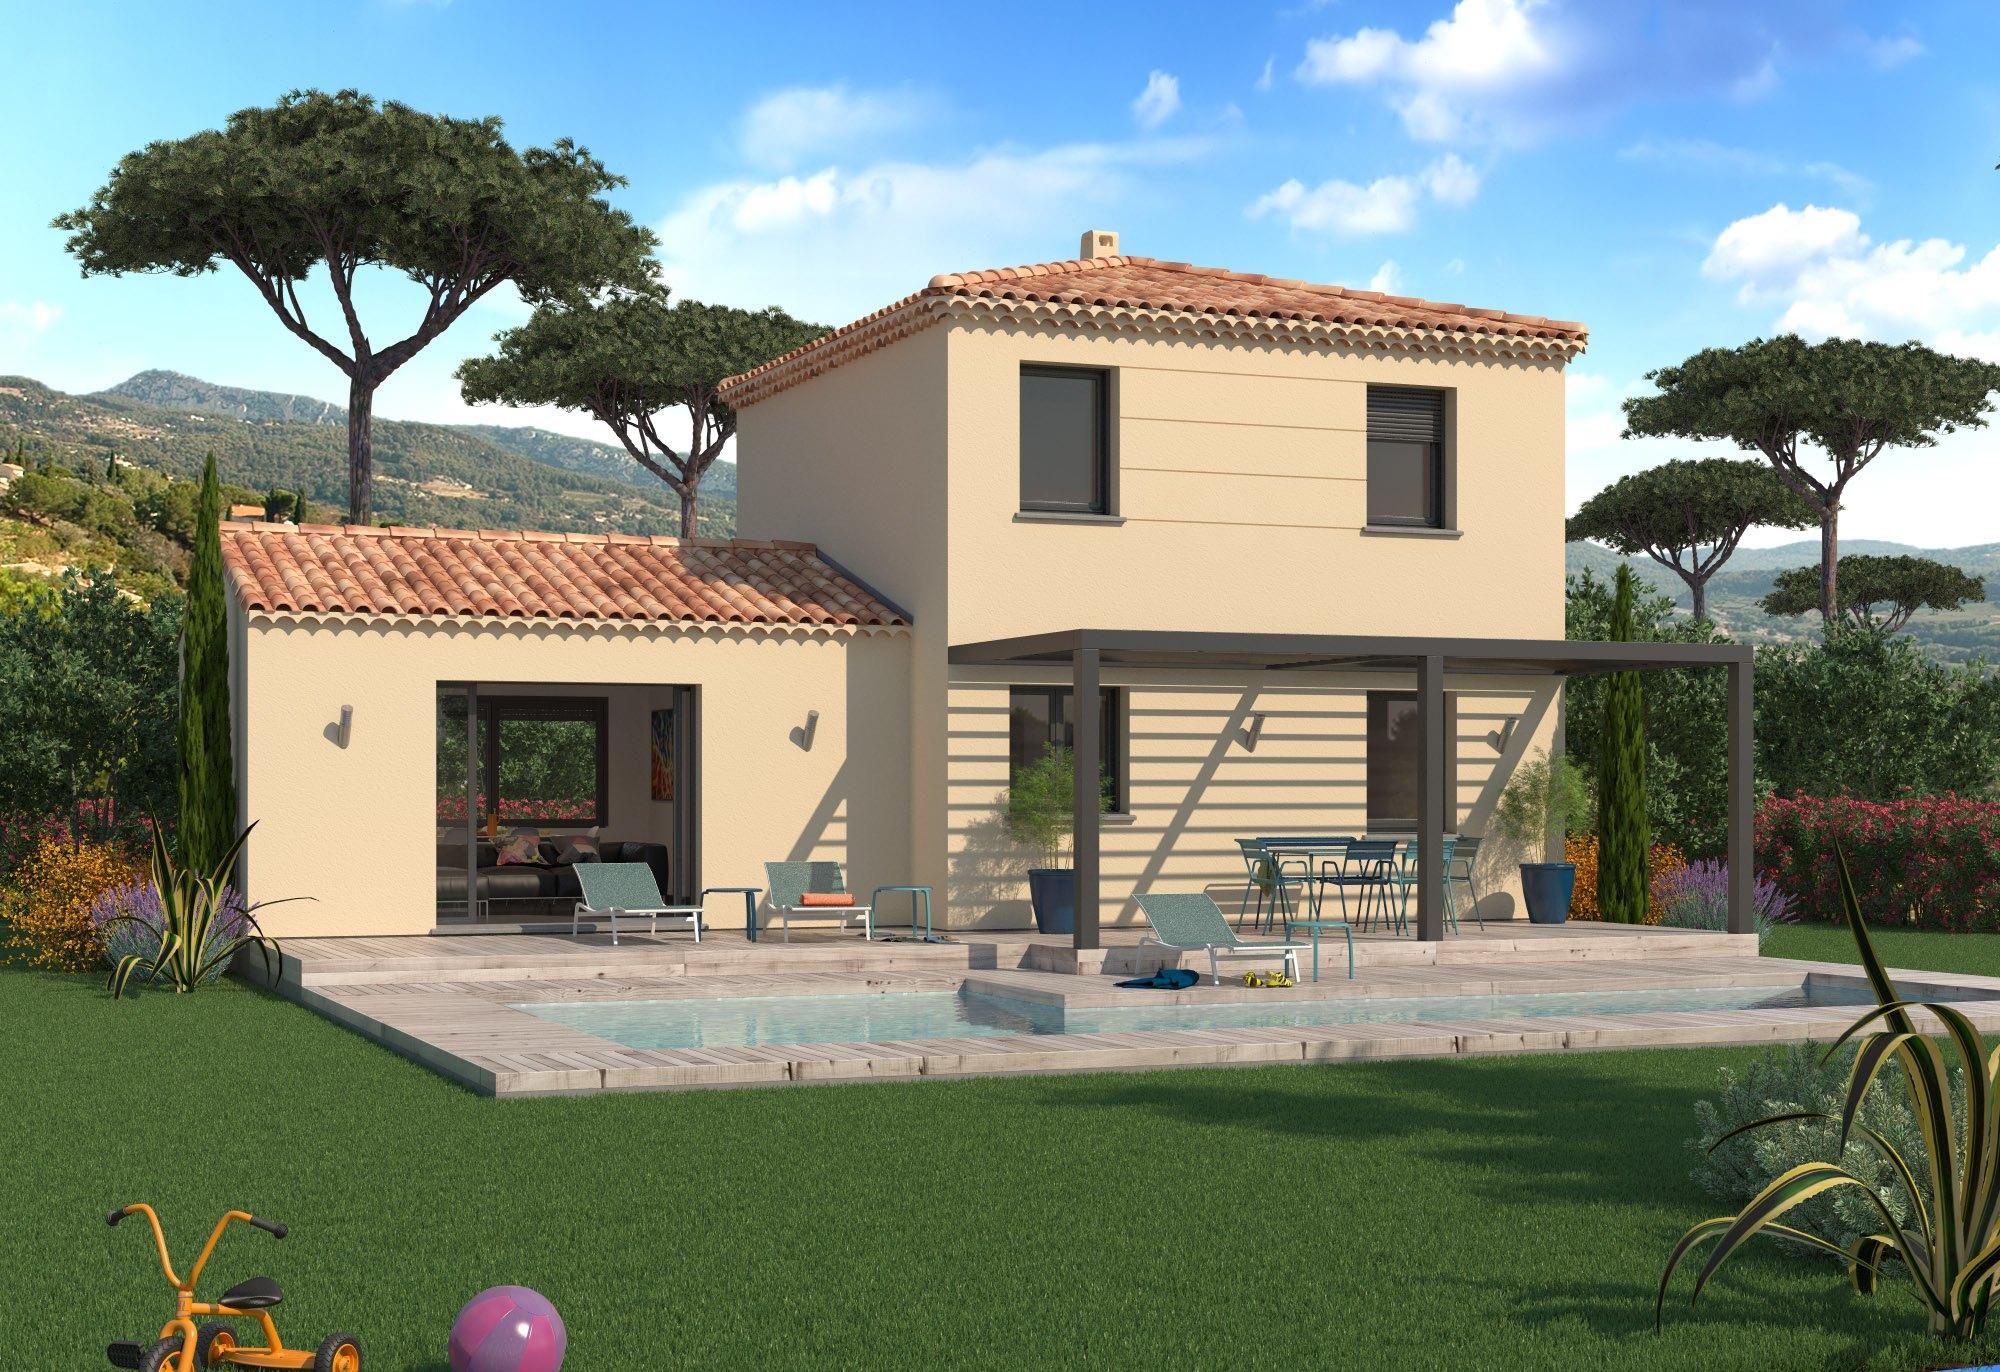 Maisons + Terrains du constructeur MAISON FAMILIALE • 90 m² • ROQUEBRUNE SUR ARGENS